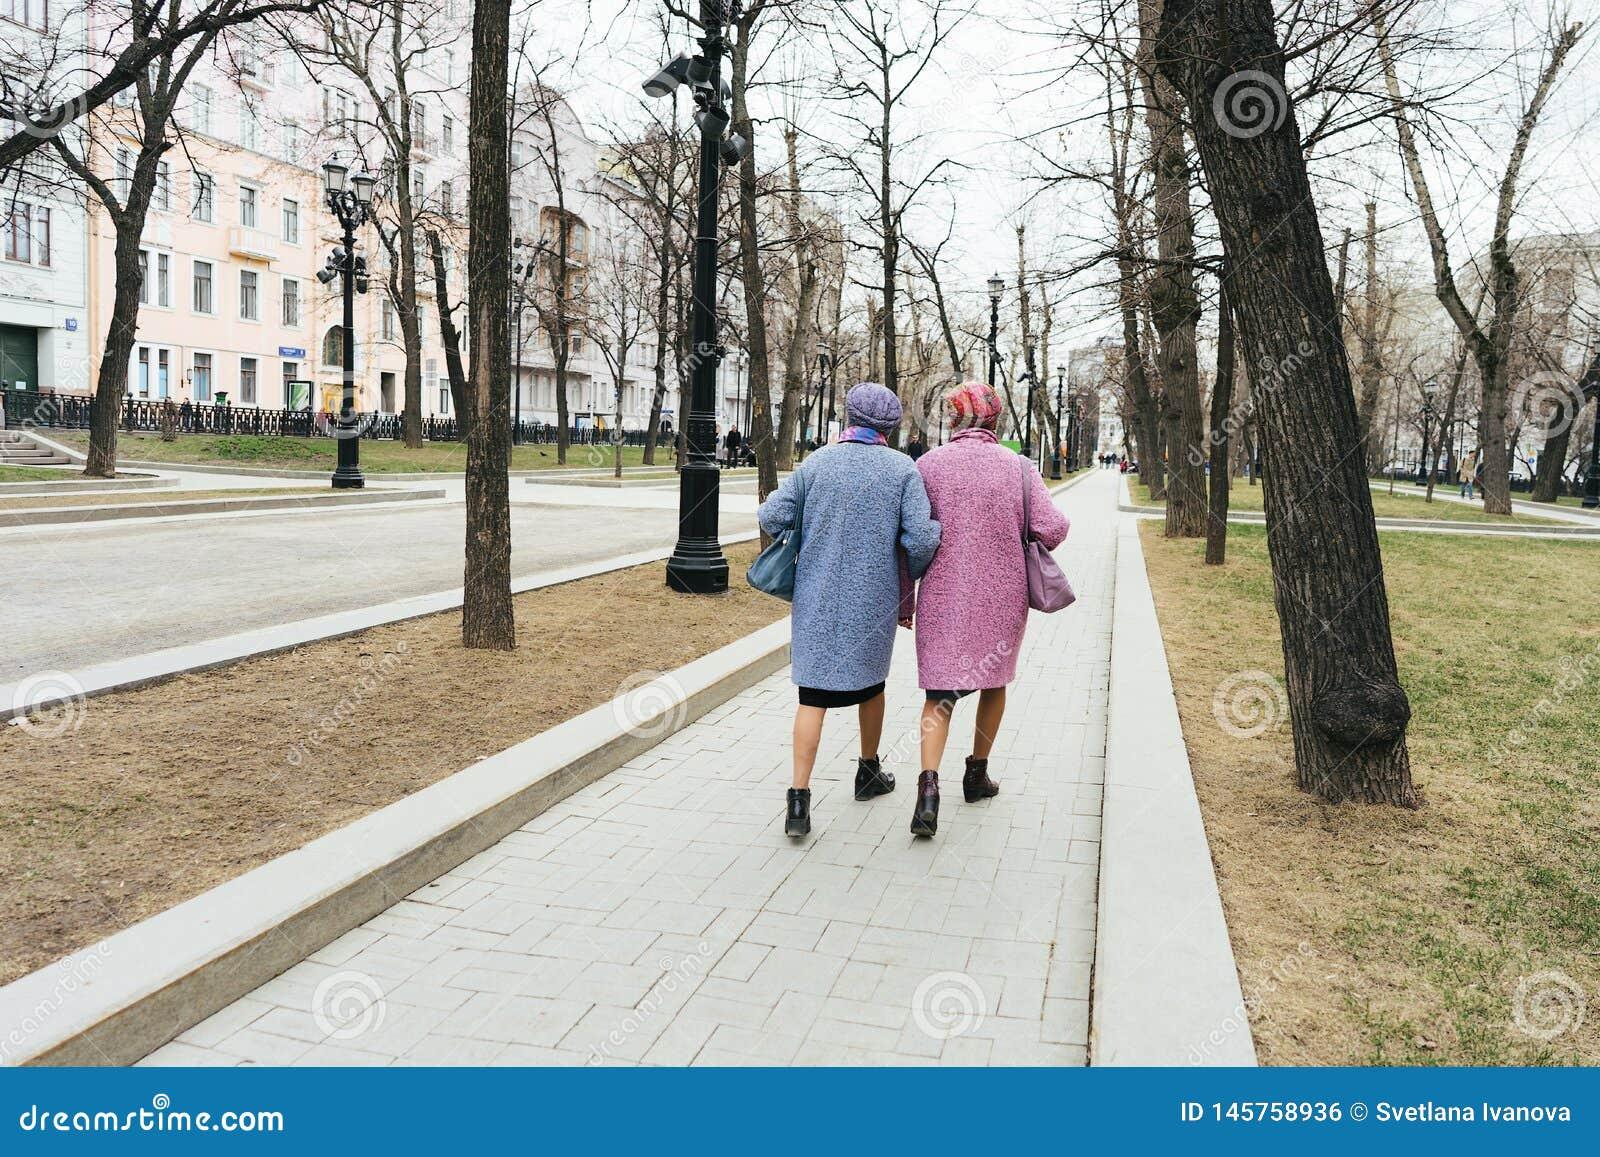 Moskou, Rusland - 04 20 2019: Twee elegante oudere identiek geklede grootmoeders